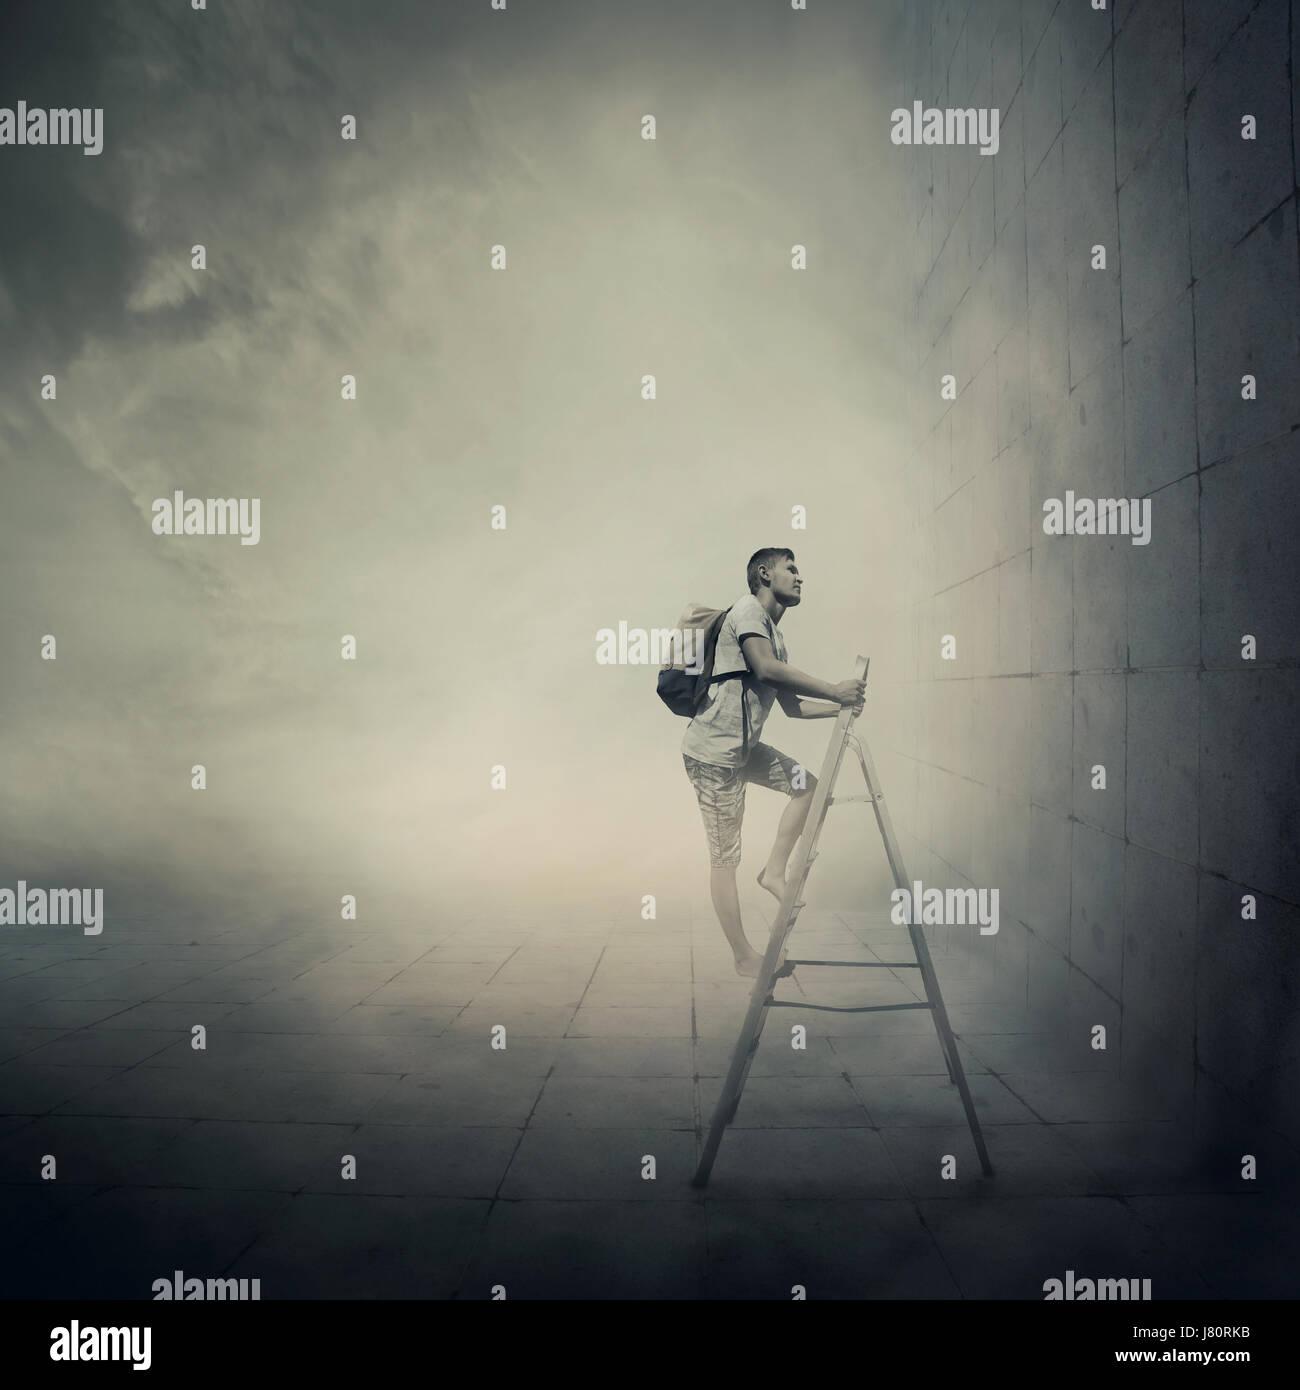 Idée abstraite avec une personne l'escalade d'une échelle, en face d'un mur en béton Photo Stock